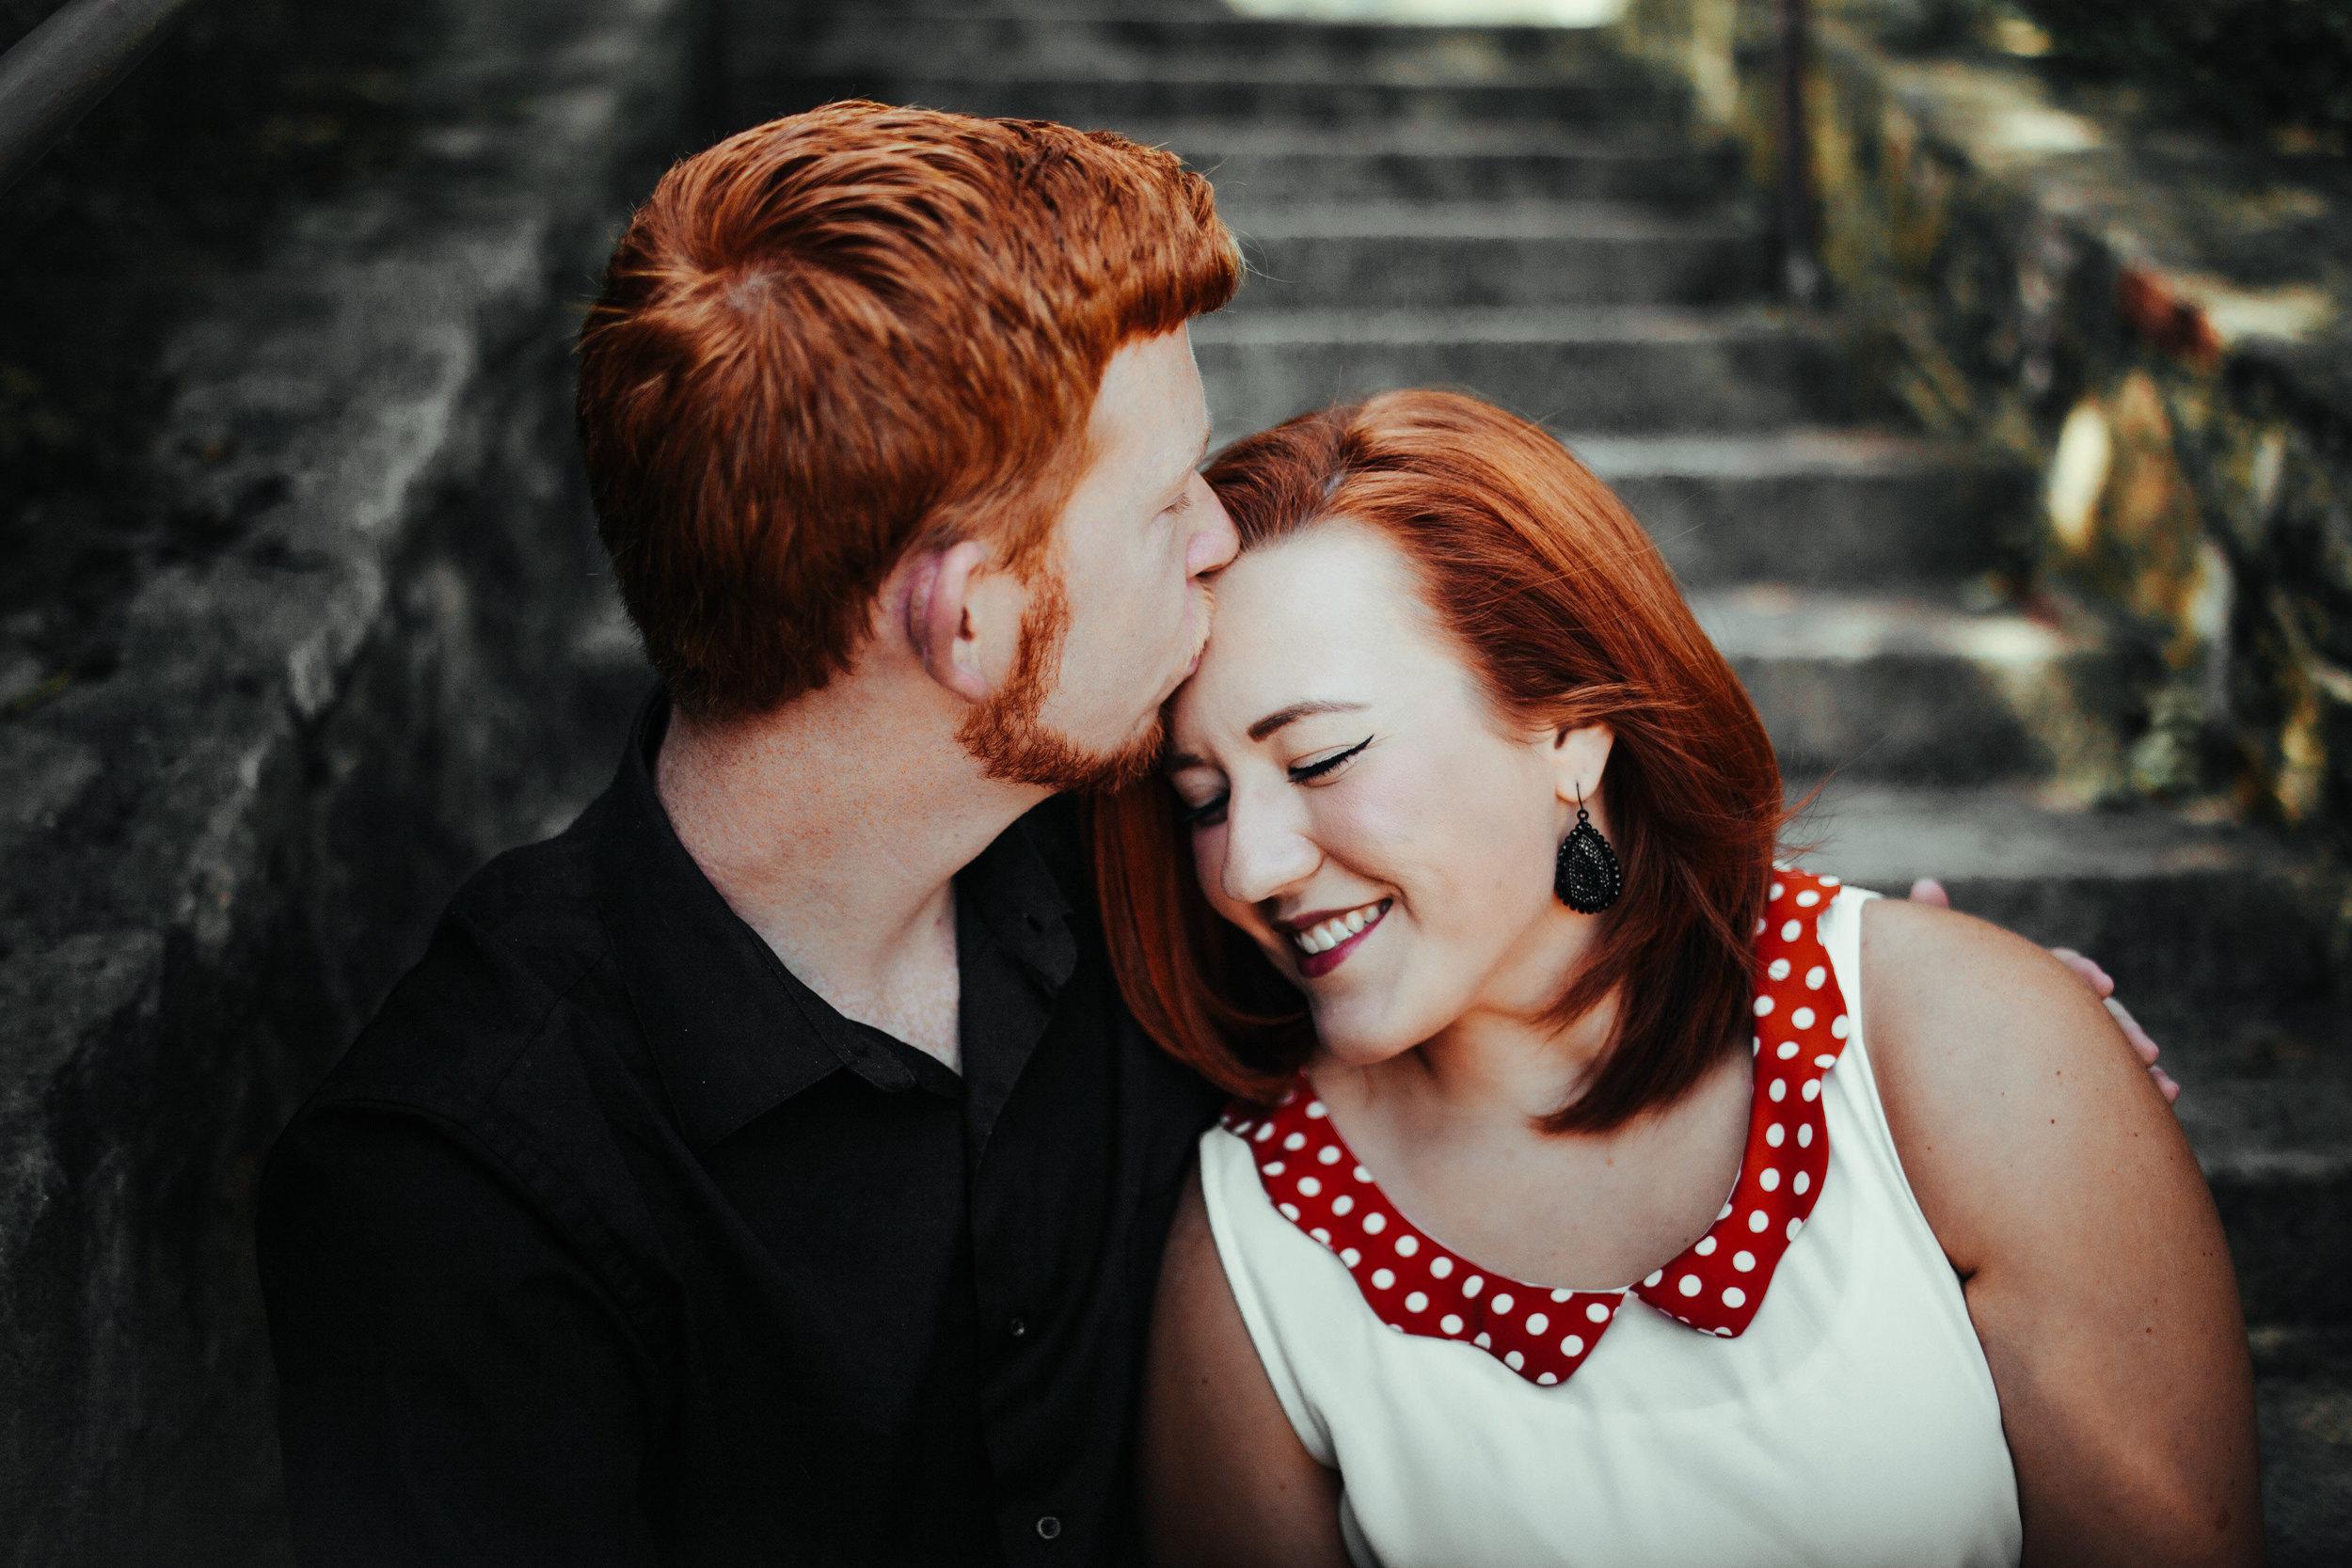 SHSU Engagement Photos - Madeleine Frost Wedding Photographer-9907.jpg